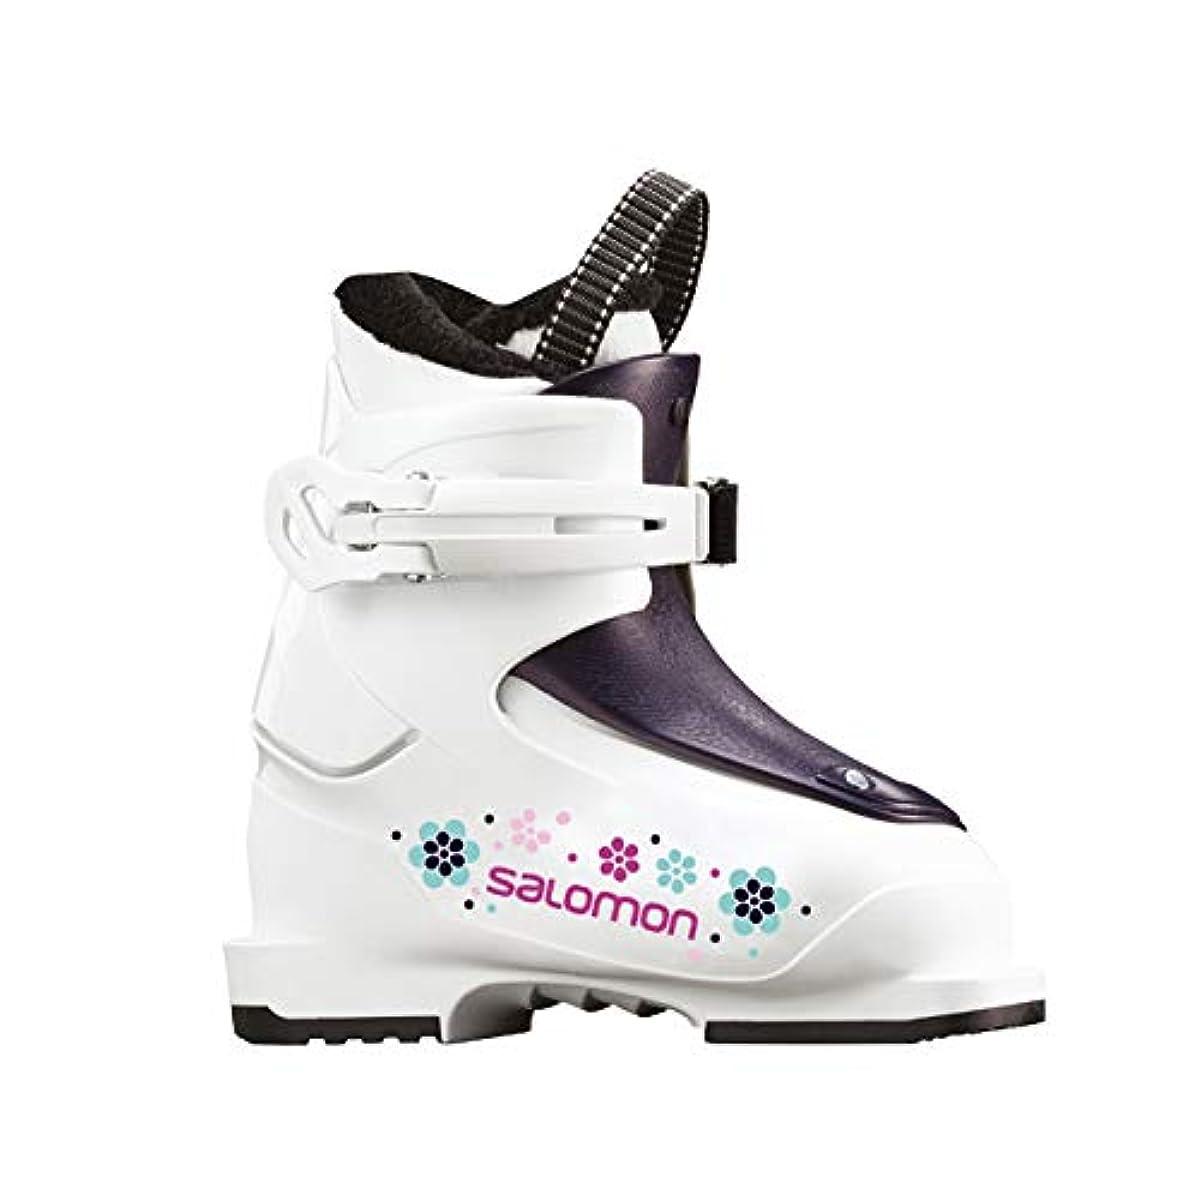 [해외] 살로몬SALOMON 스키화 쥬니어 T1 15~18CM 2018-19년 모델 L40574300